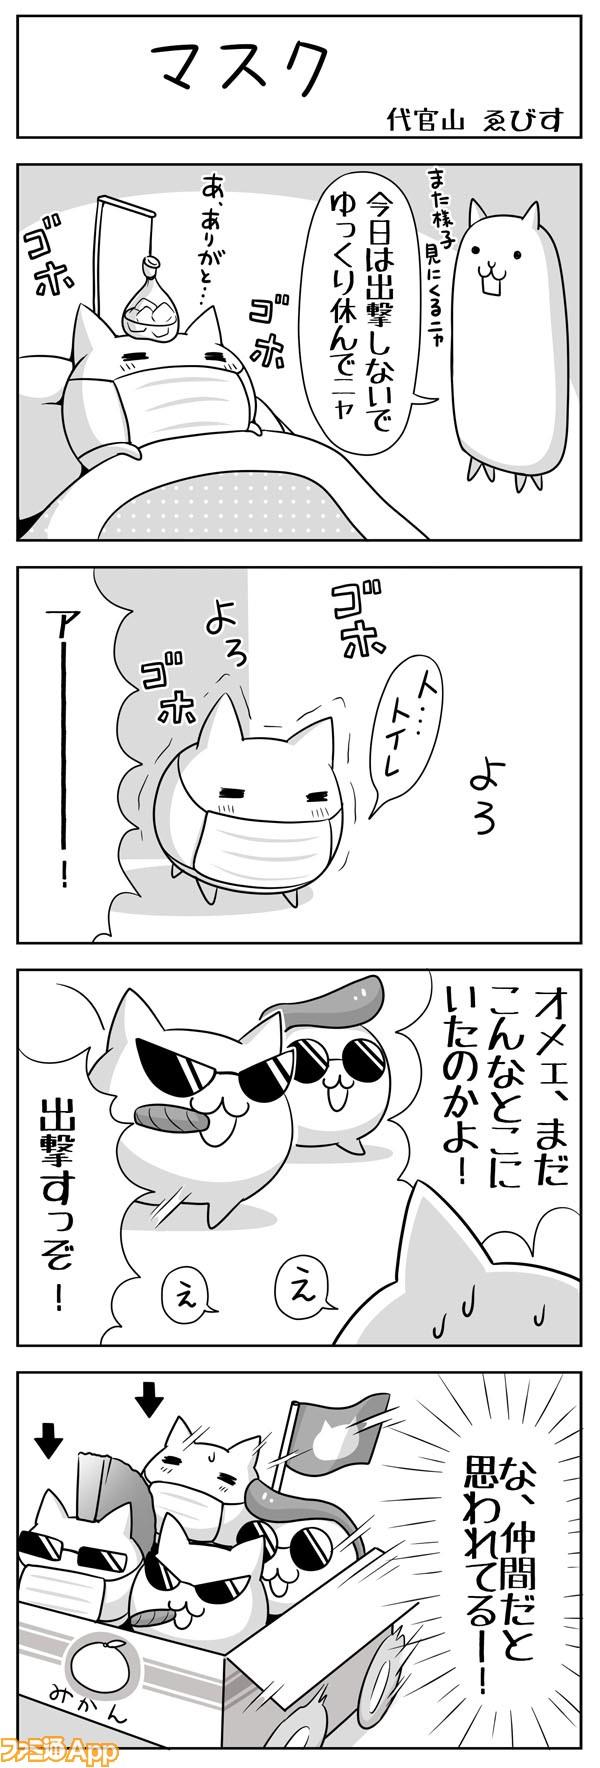 01daik_073